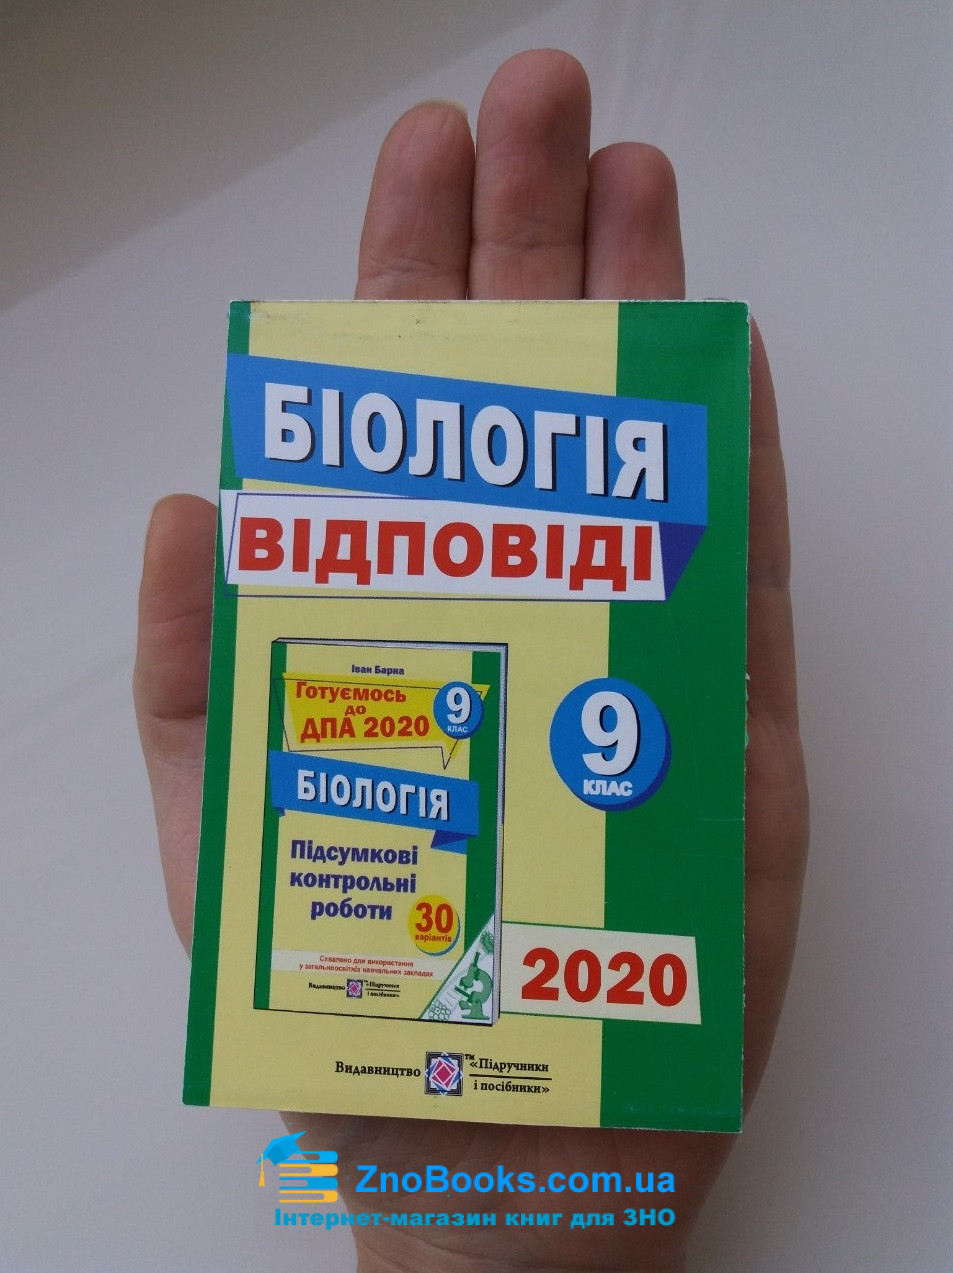 ШПАРГАЛКА. Відповіді для ДПА 2020 з біології 9 клас : Барна І. Підручники і посібники. Купити 0